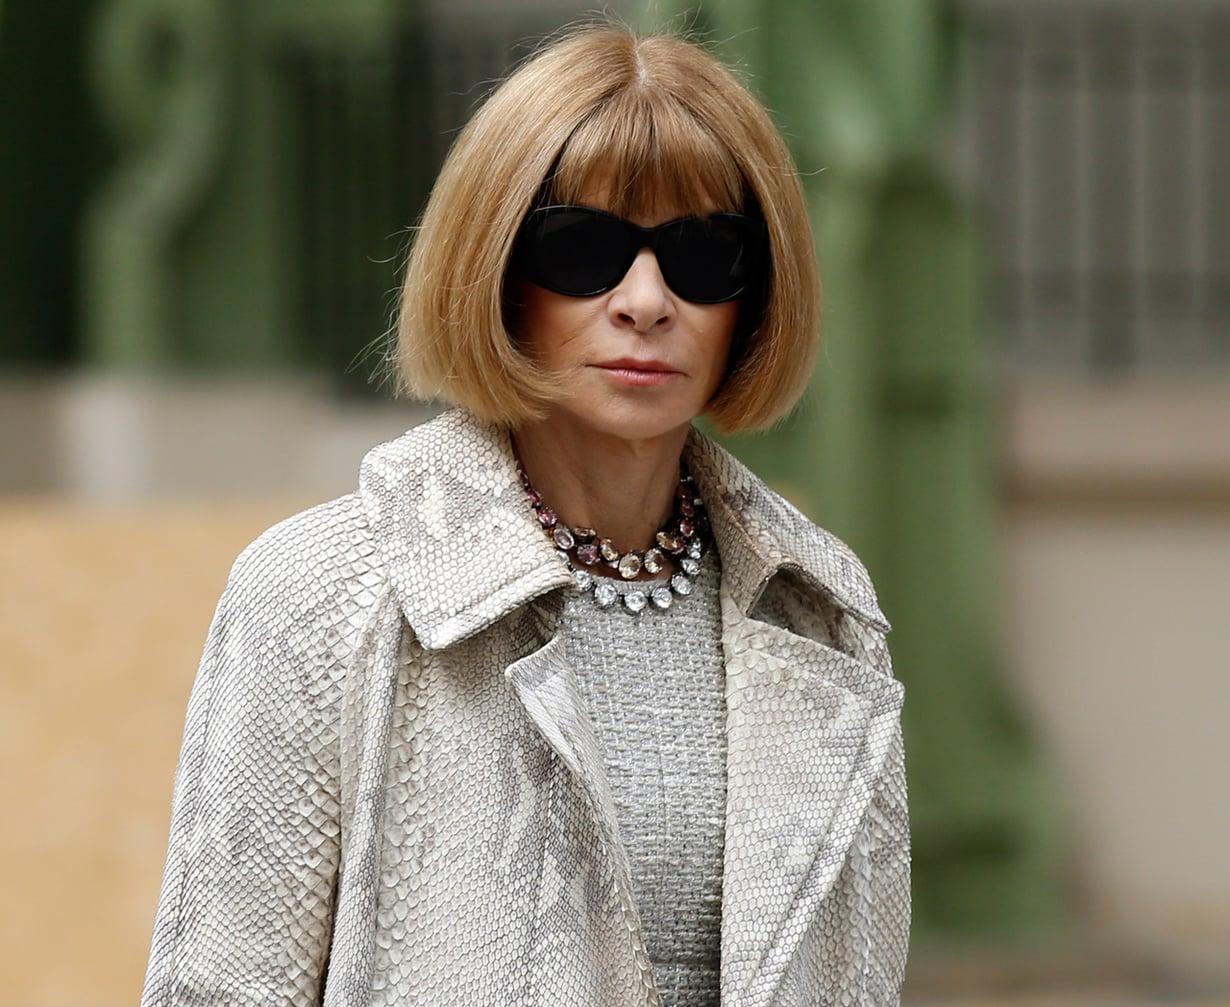 Anna Wintour katselee maailmaa Chanelin suurikokoisten aurinkolasien takaa. Kuva: Reuters